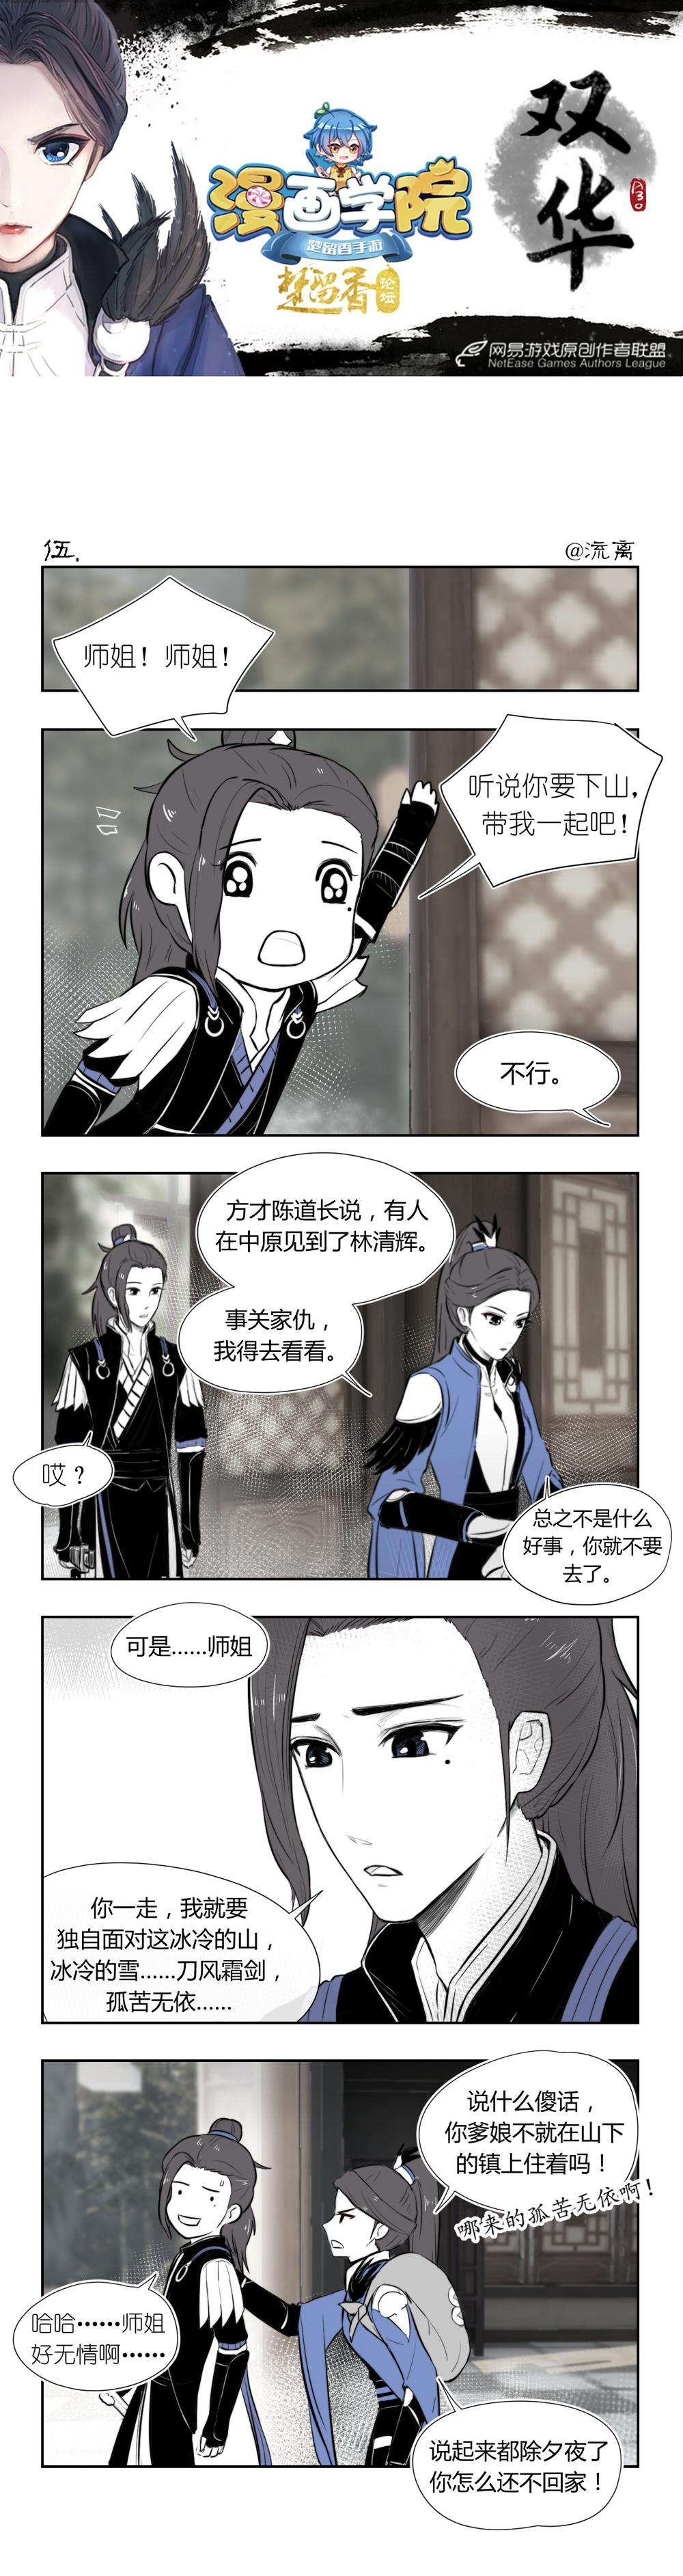 【原创作者联盟】【漫画学院】[双华5]无情师姐,在线拒绝